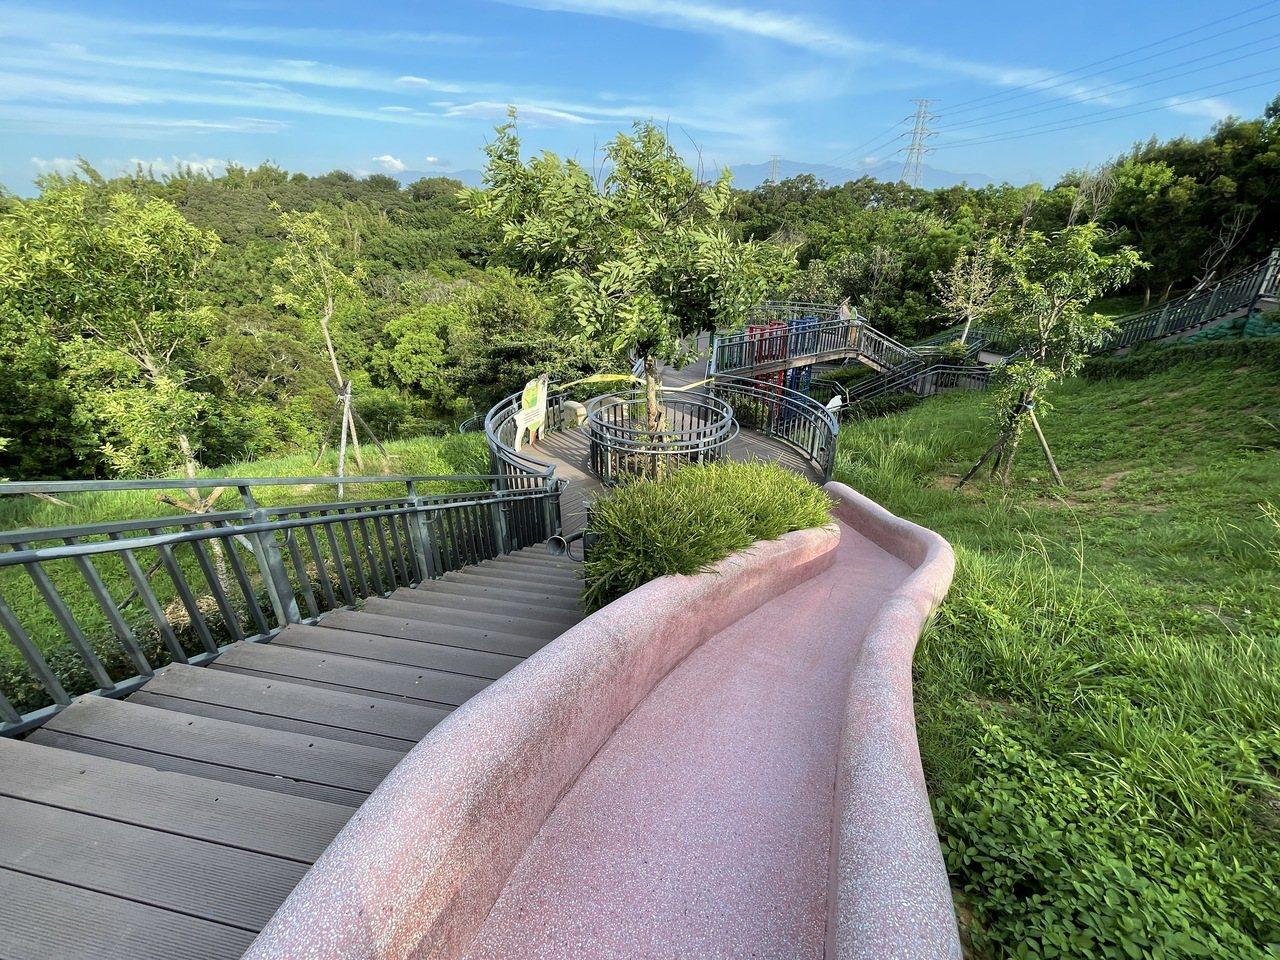 青青草原擁有北台灣最長磨石子溜滑梯,還有適合不同年齡孩子玩的滑梯。 圖/張裕珍 ...